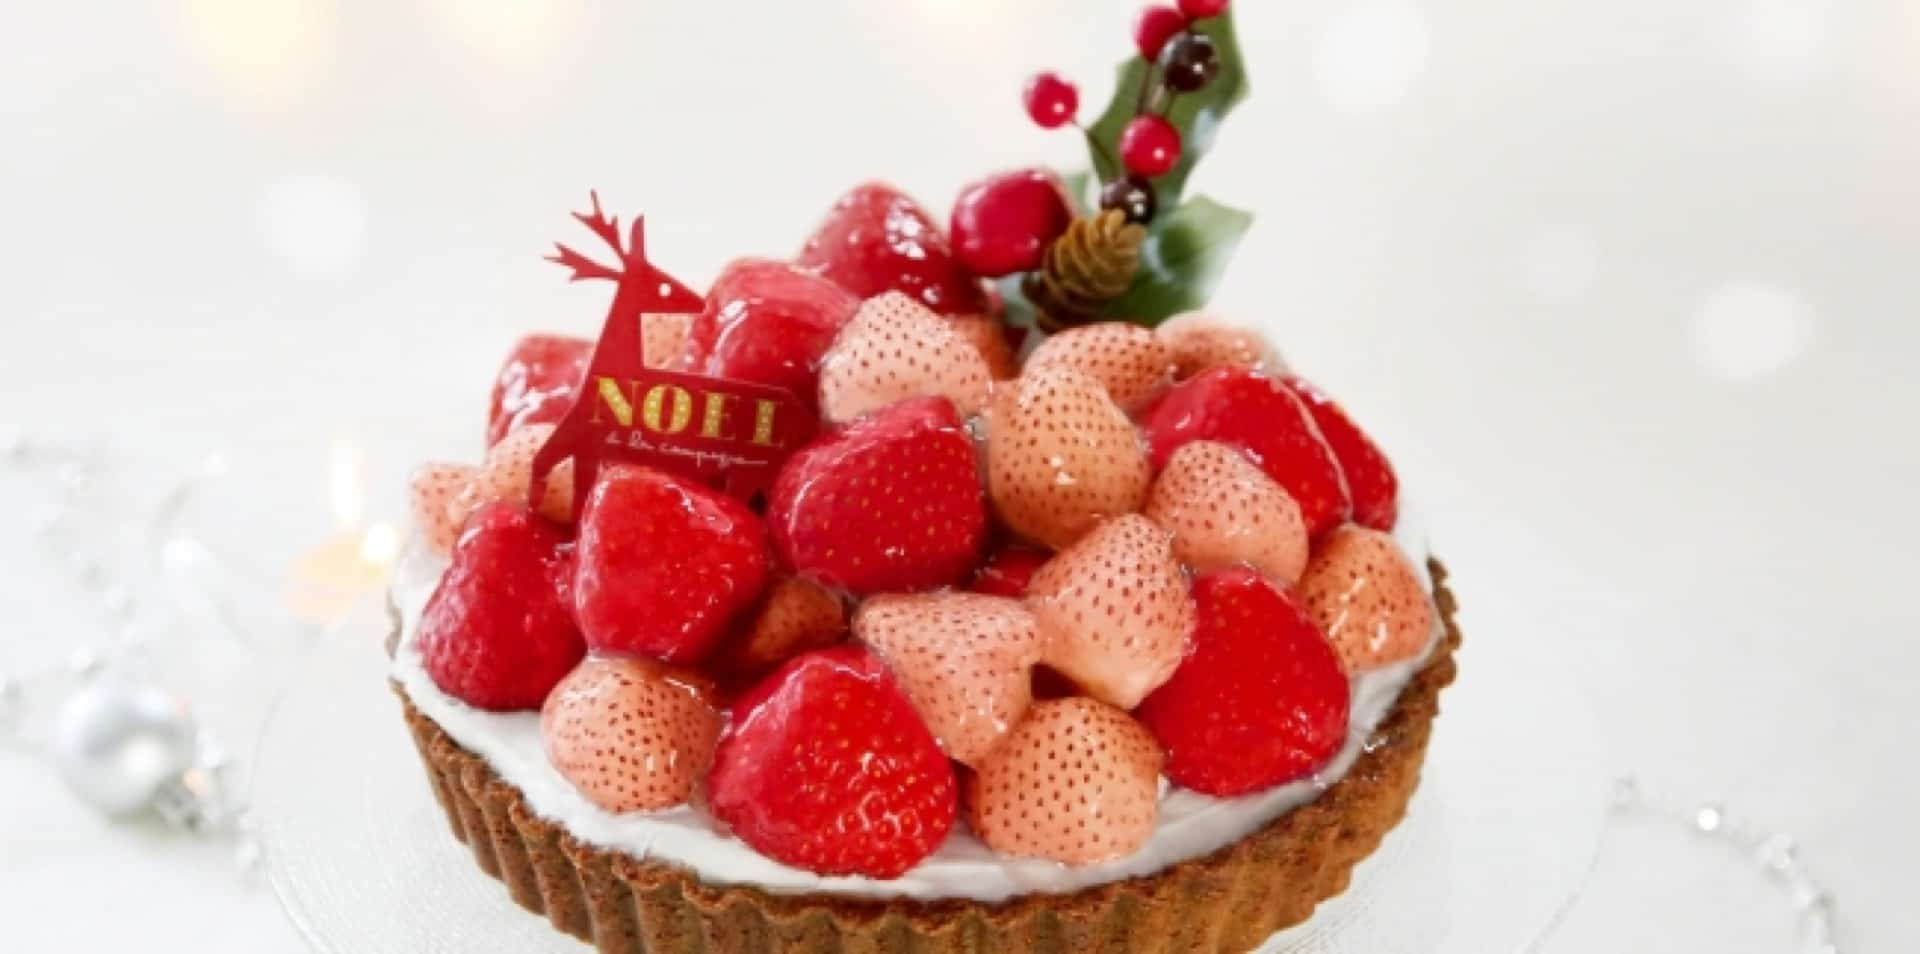 神戸生まれの「ア・ラ・カンパーニュ」から2018年のクリスマスケーキが登場。希少な2種のイチゴを使用したタルトも